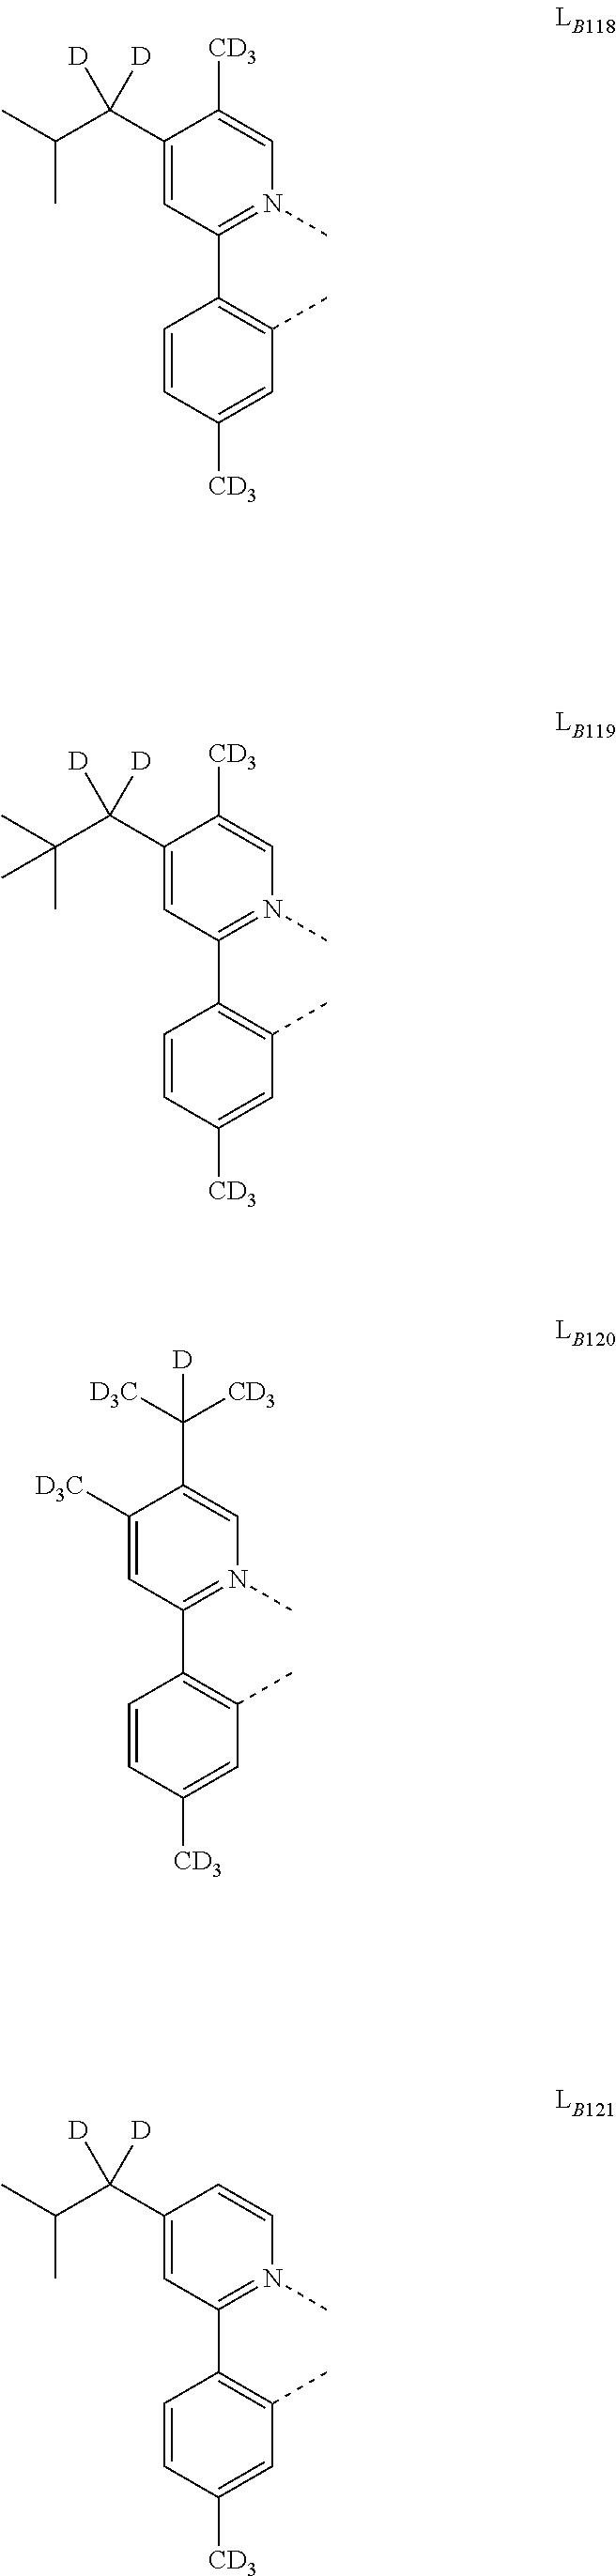 Figure US09929360-20180327-C00061